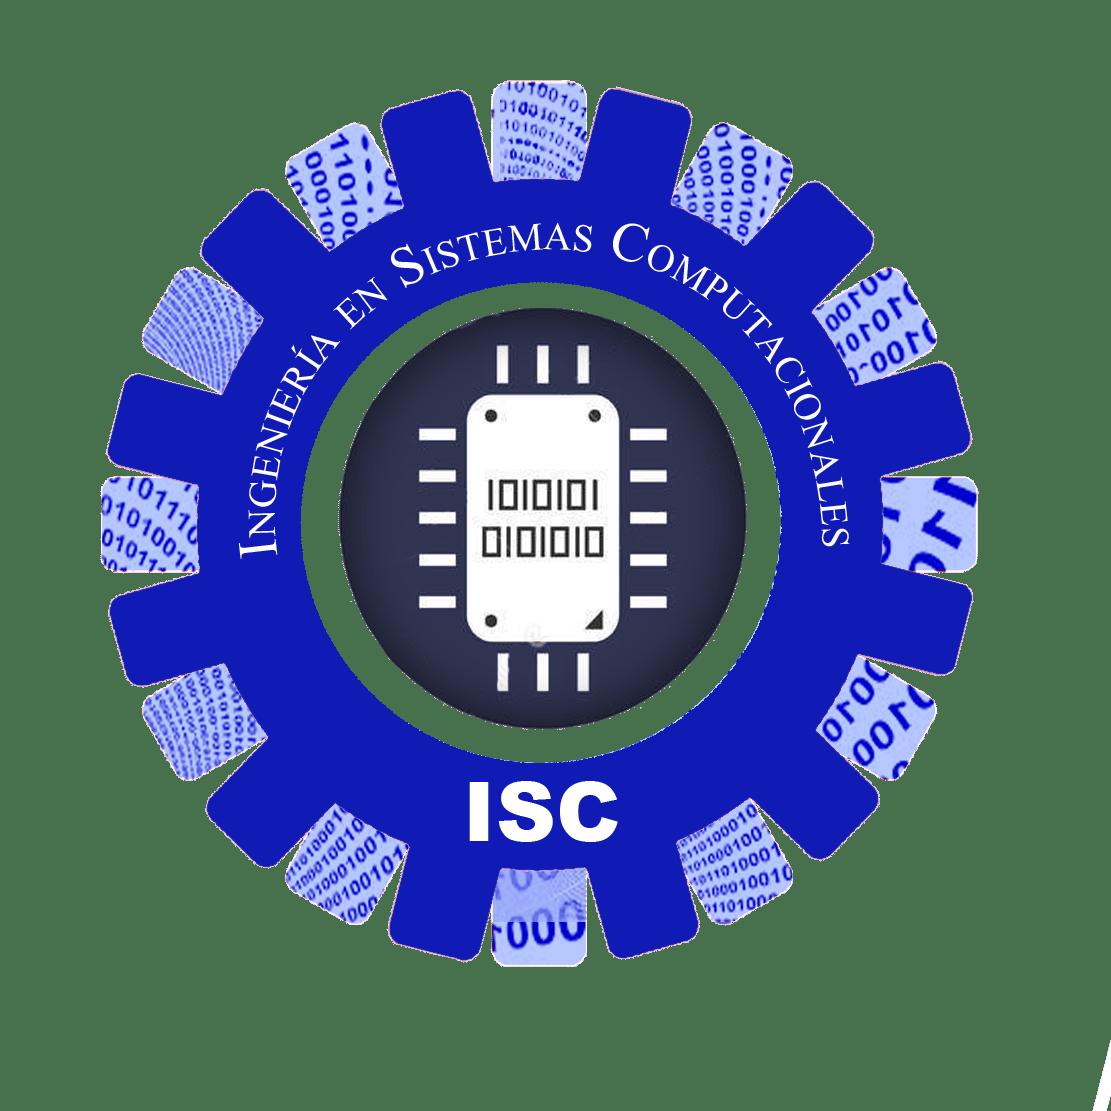 SISTEMAS COMPUTACIONALES_LOGOTIPO